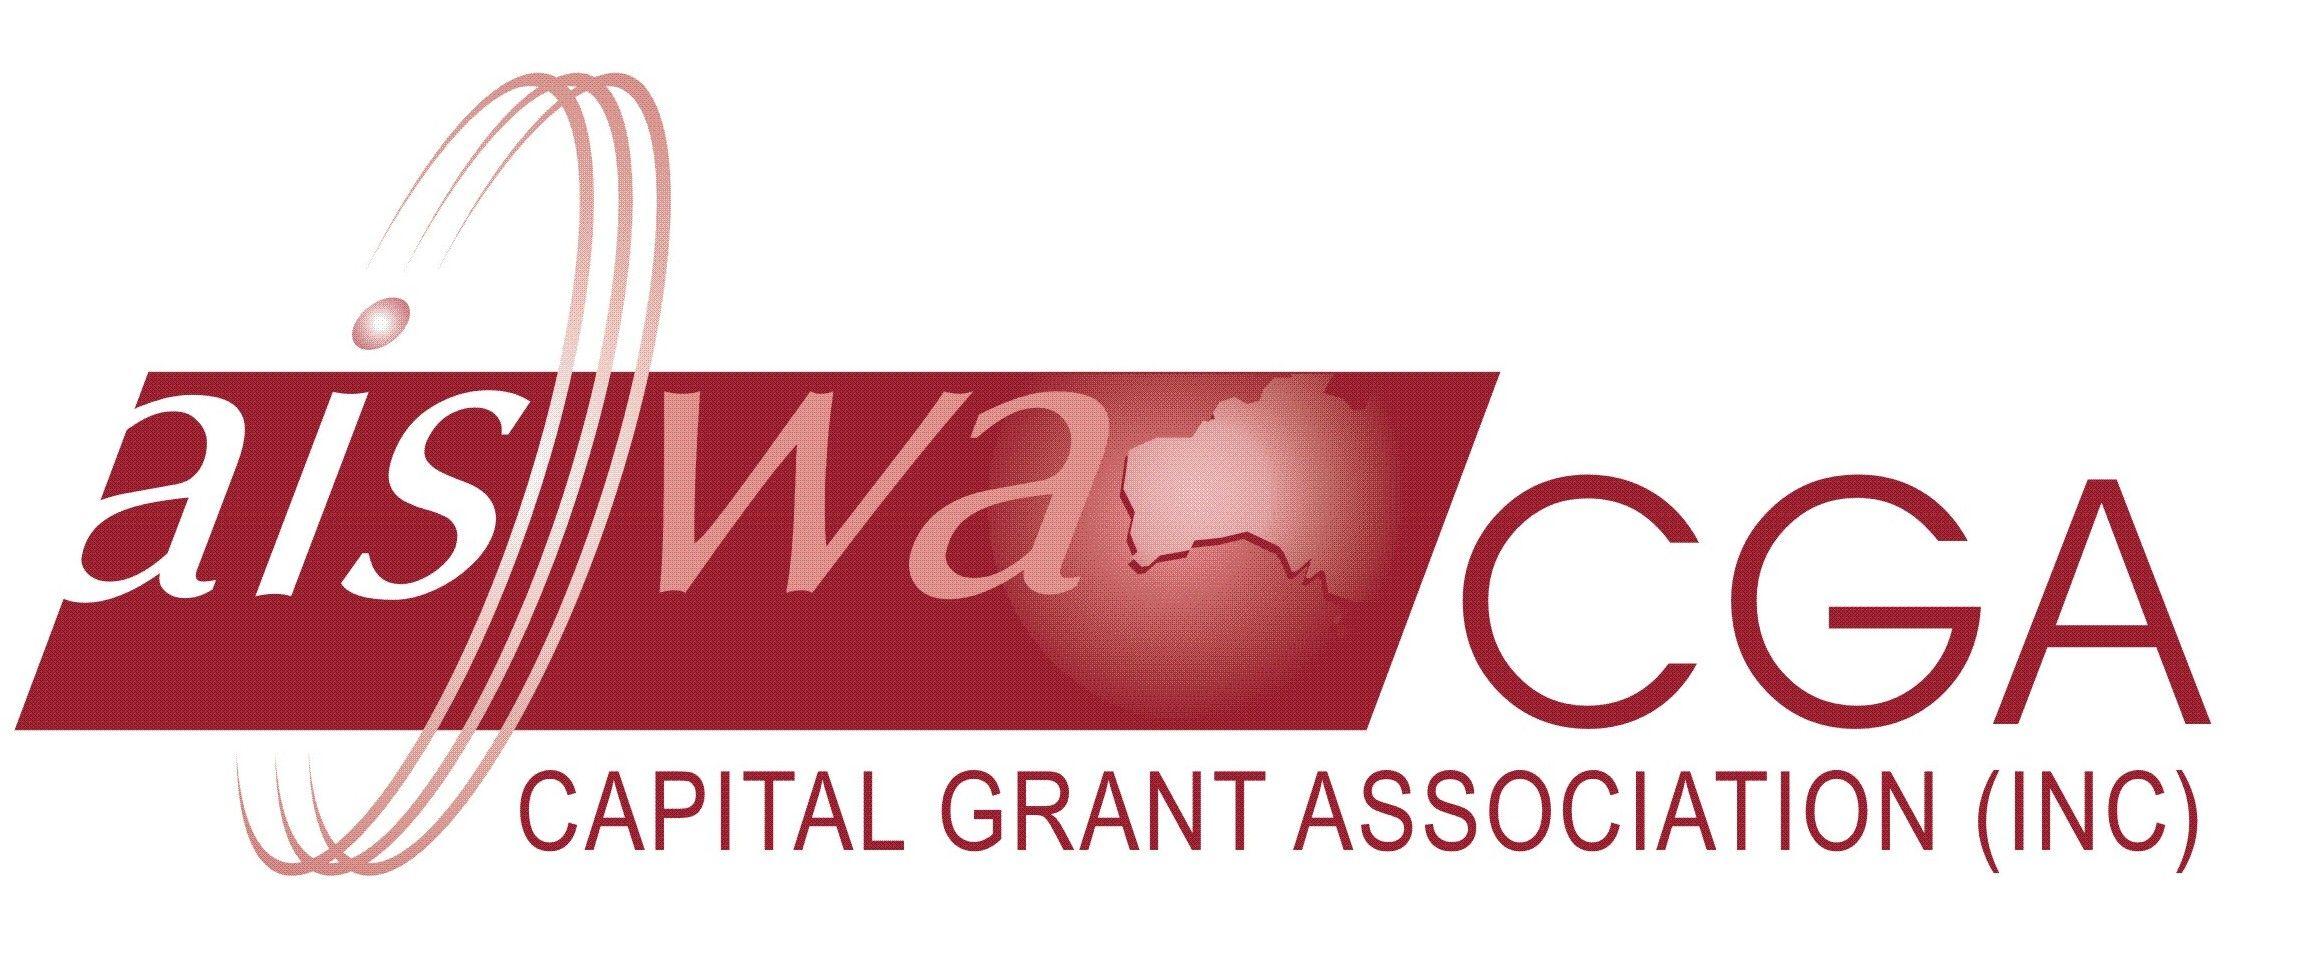 AISWA CGA Logo